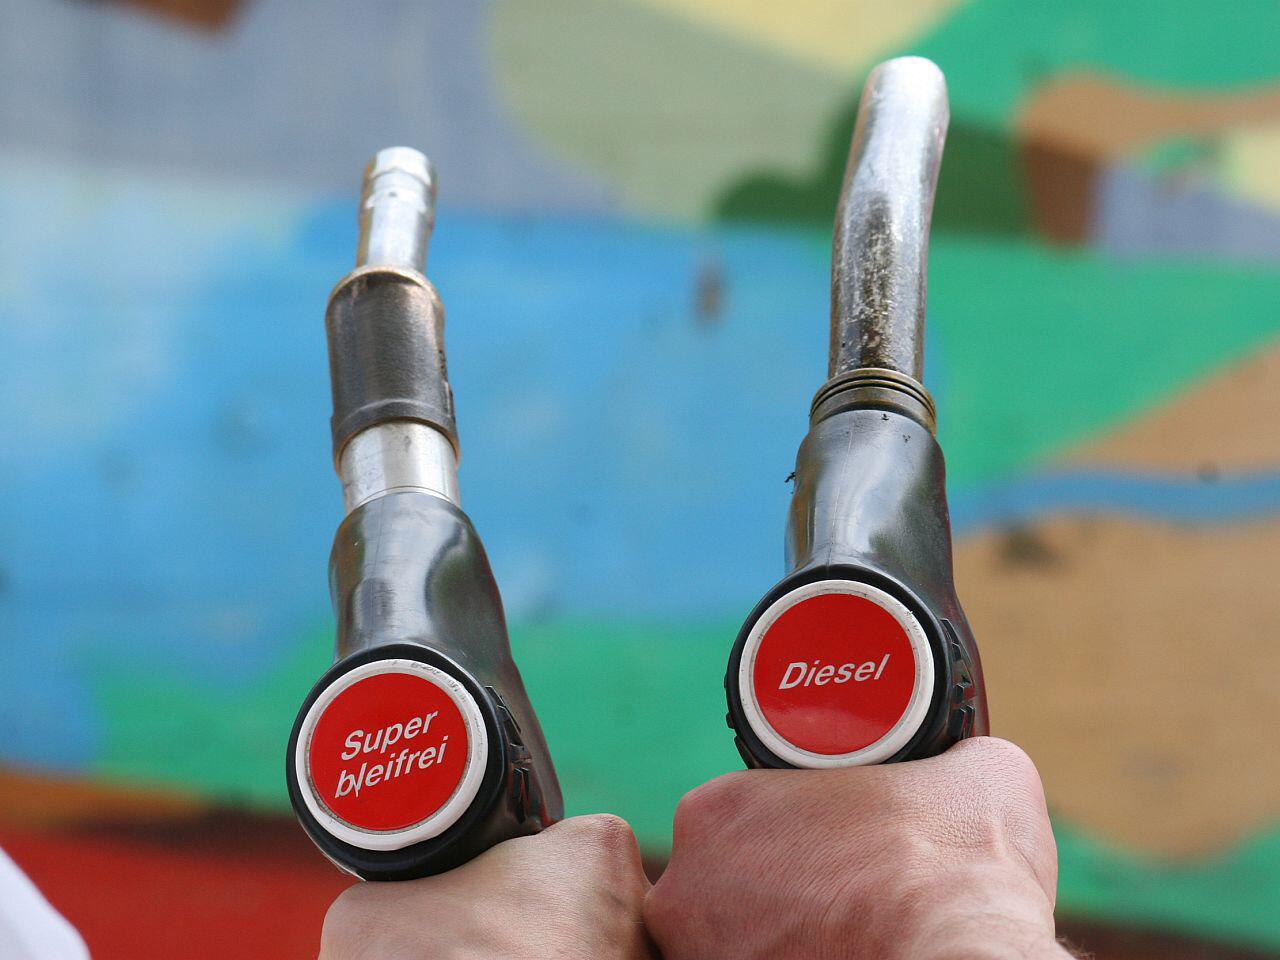 Bild zu Premiumkraftstoffe: Sind sie wirklich sinnvoll?